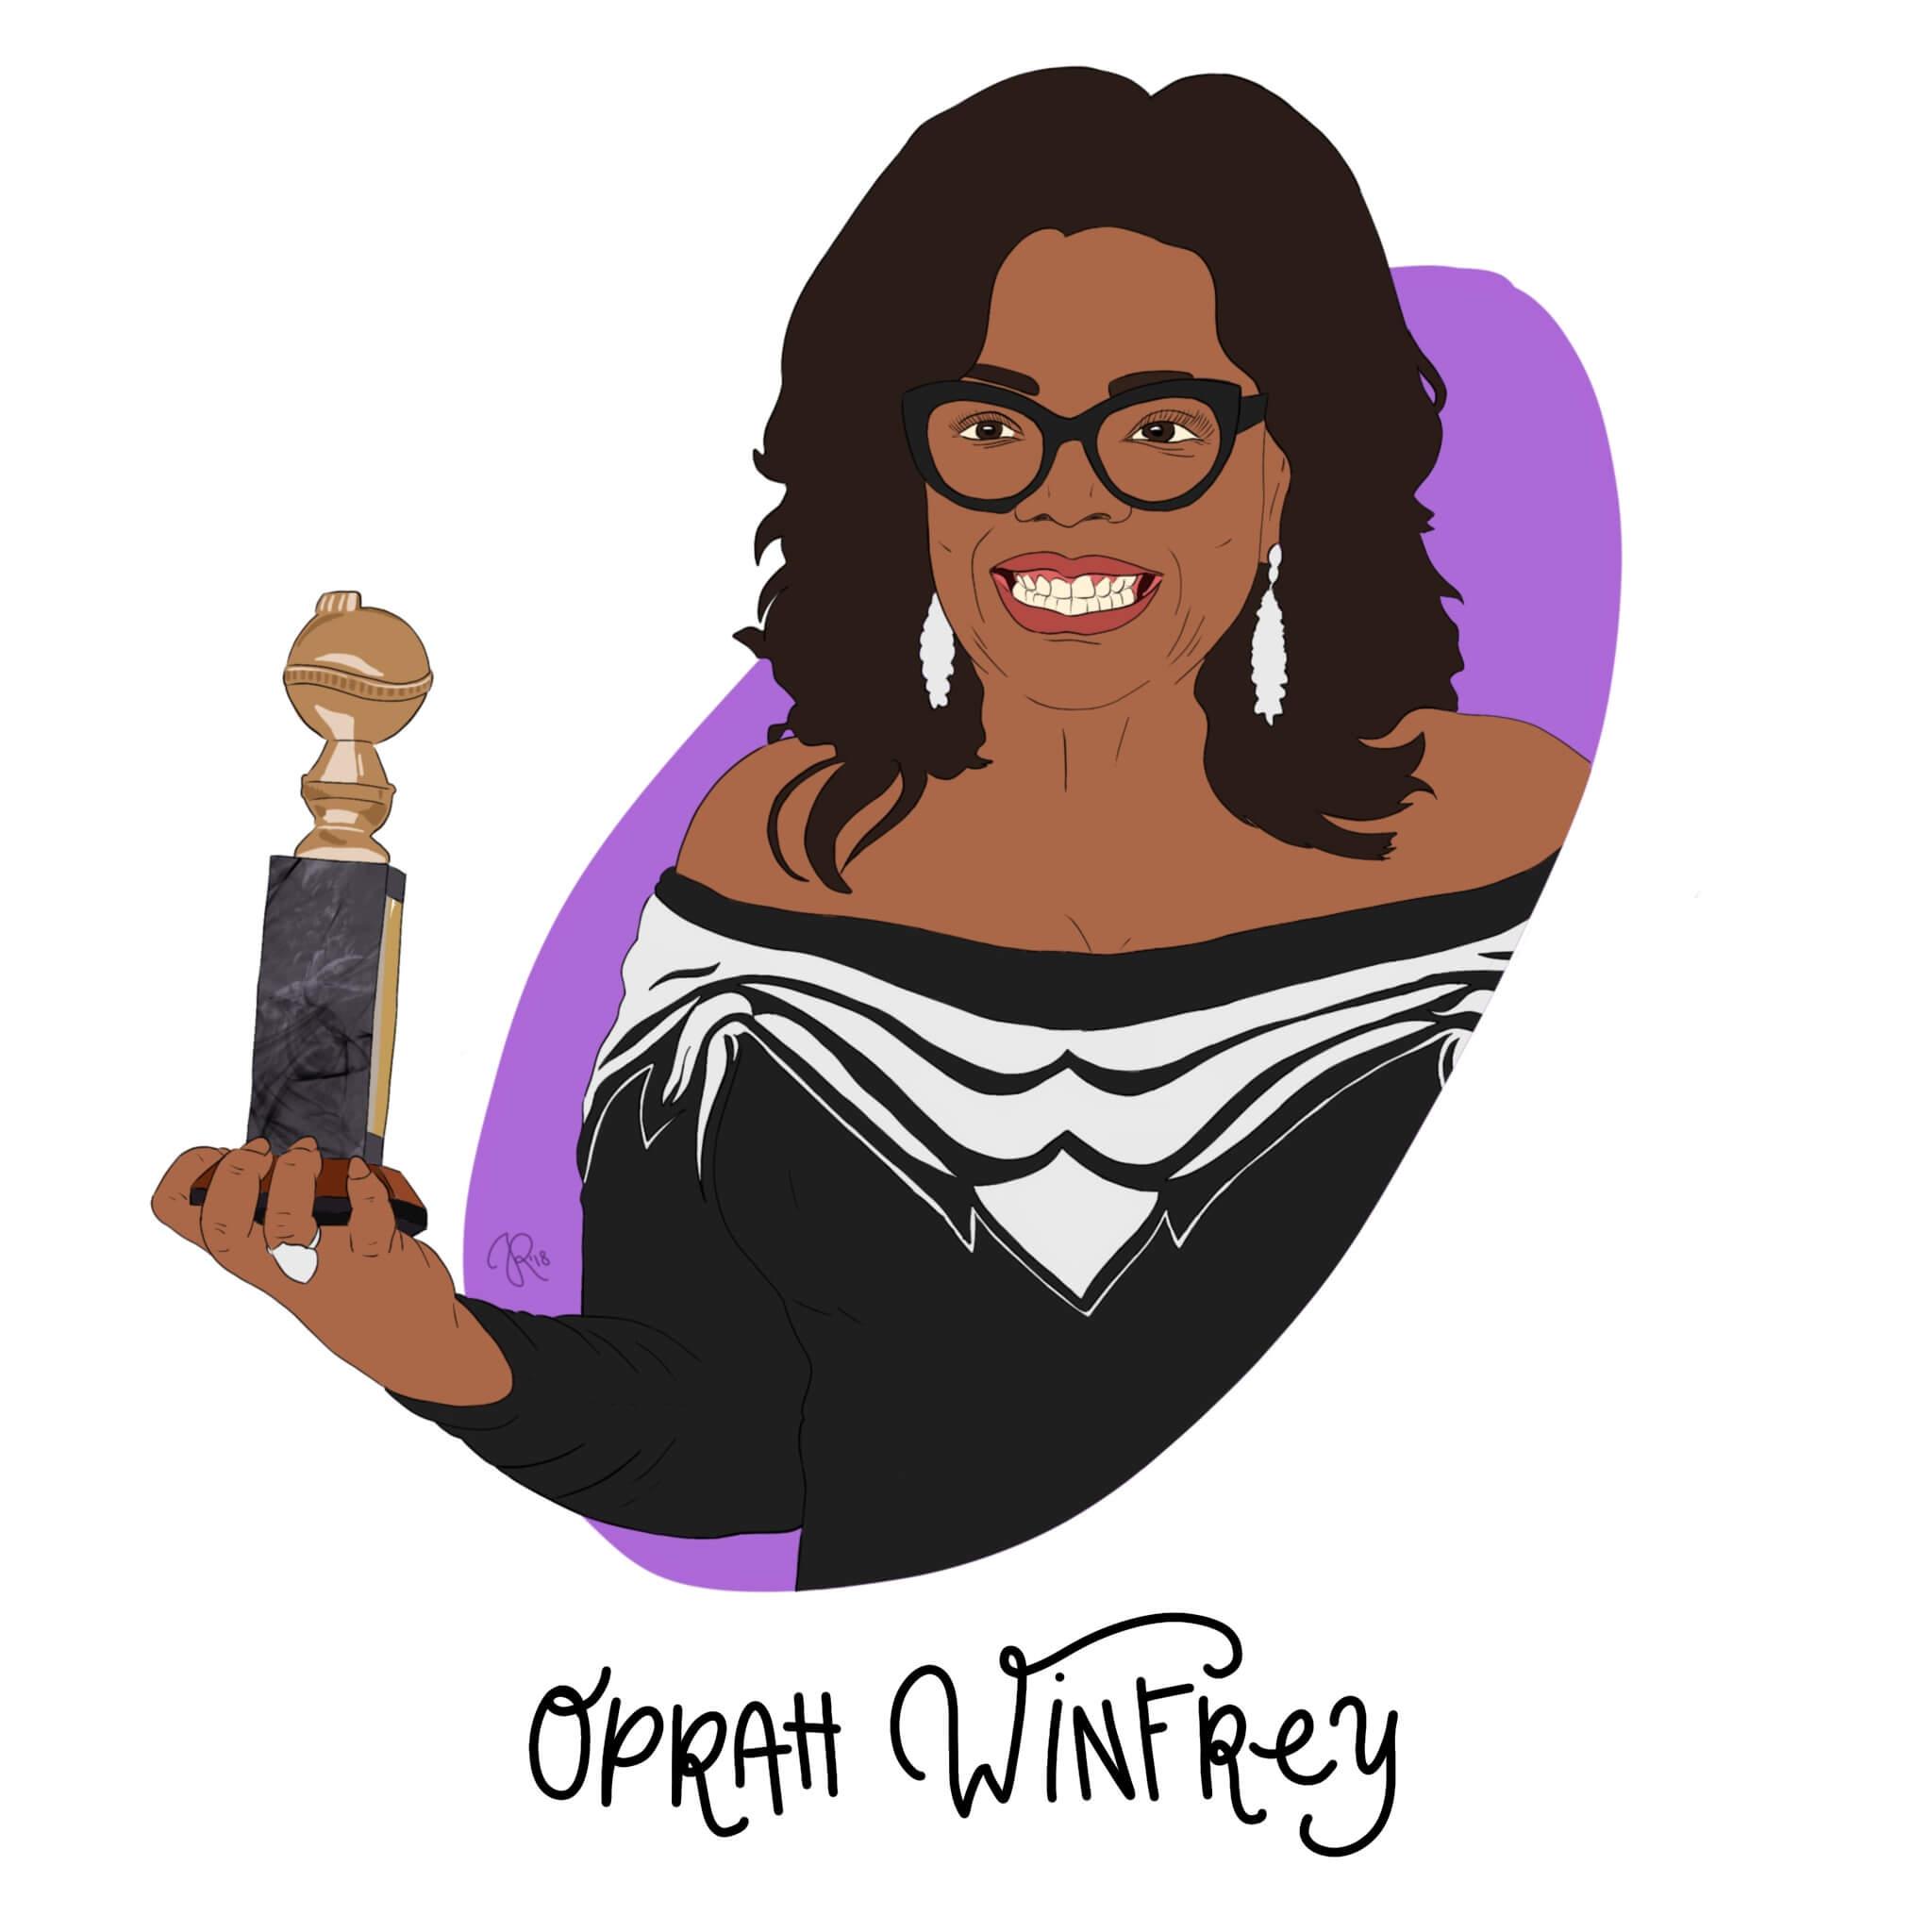 Oprah Winfrey Illustration by Jessica Ringelstein